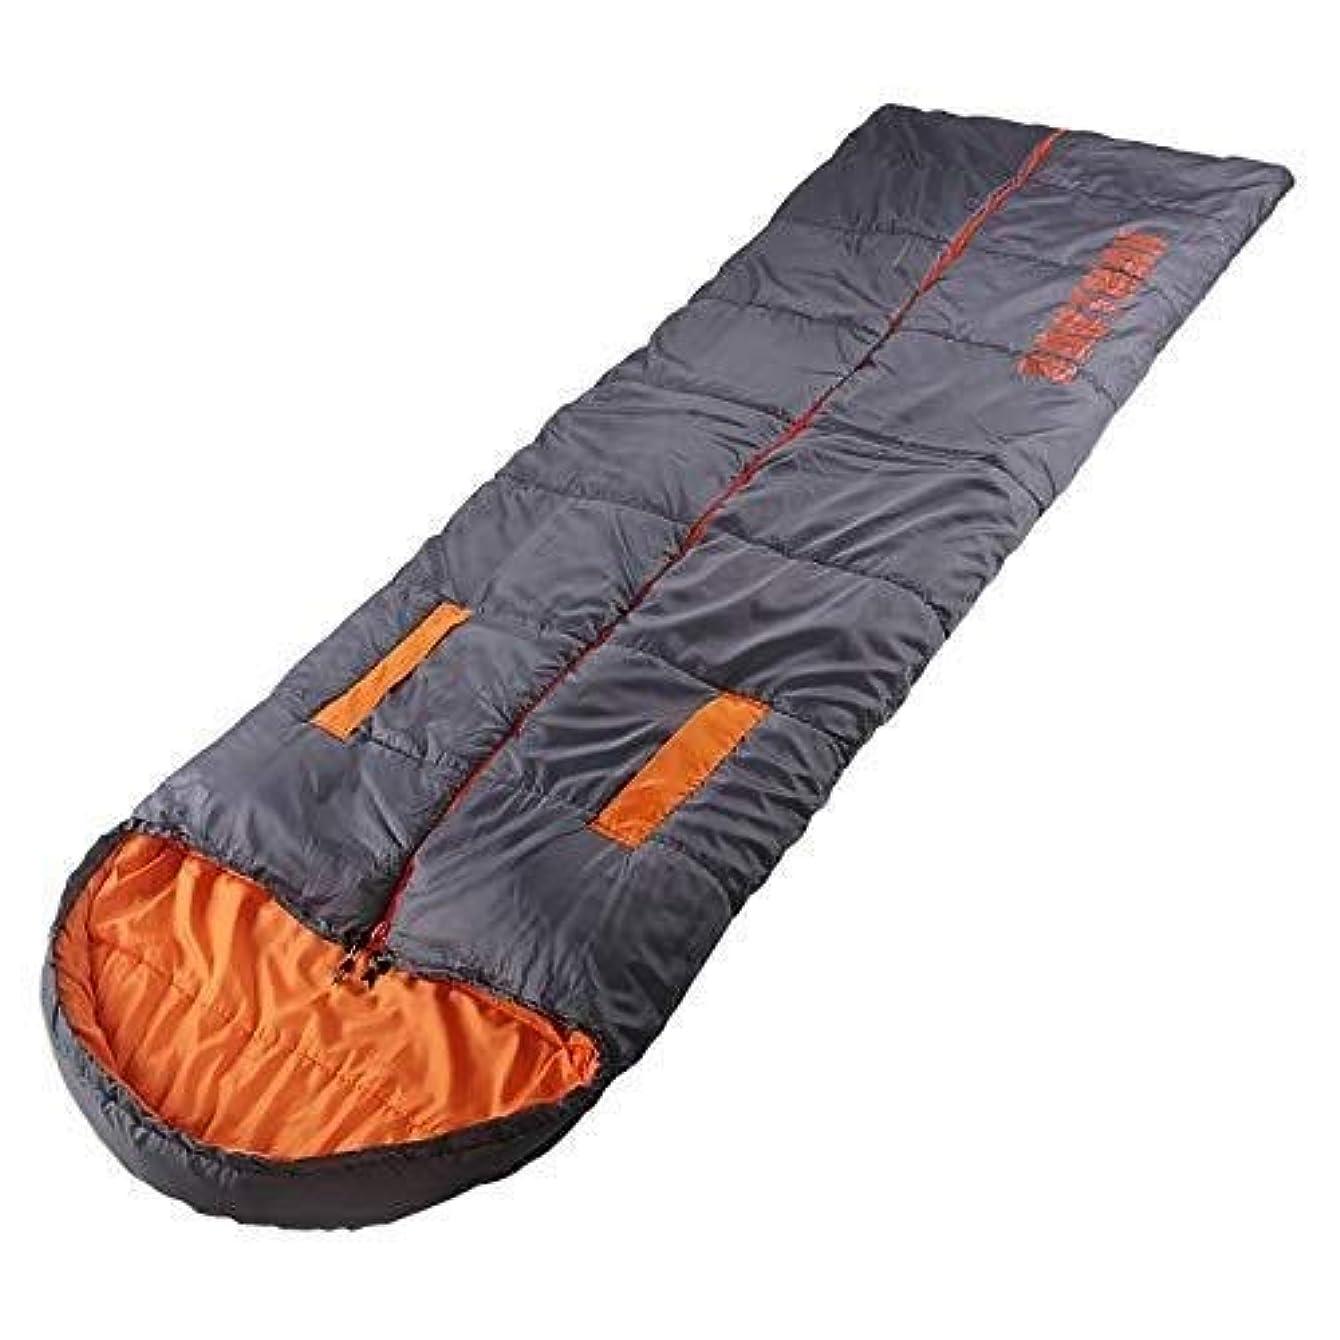 TLMYDD 旅行の寝袋、携帯用防水寝袋、オレンジ 寝袋